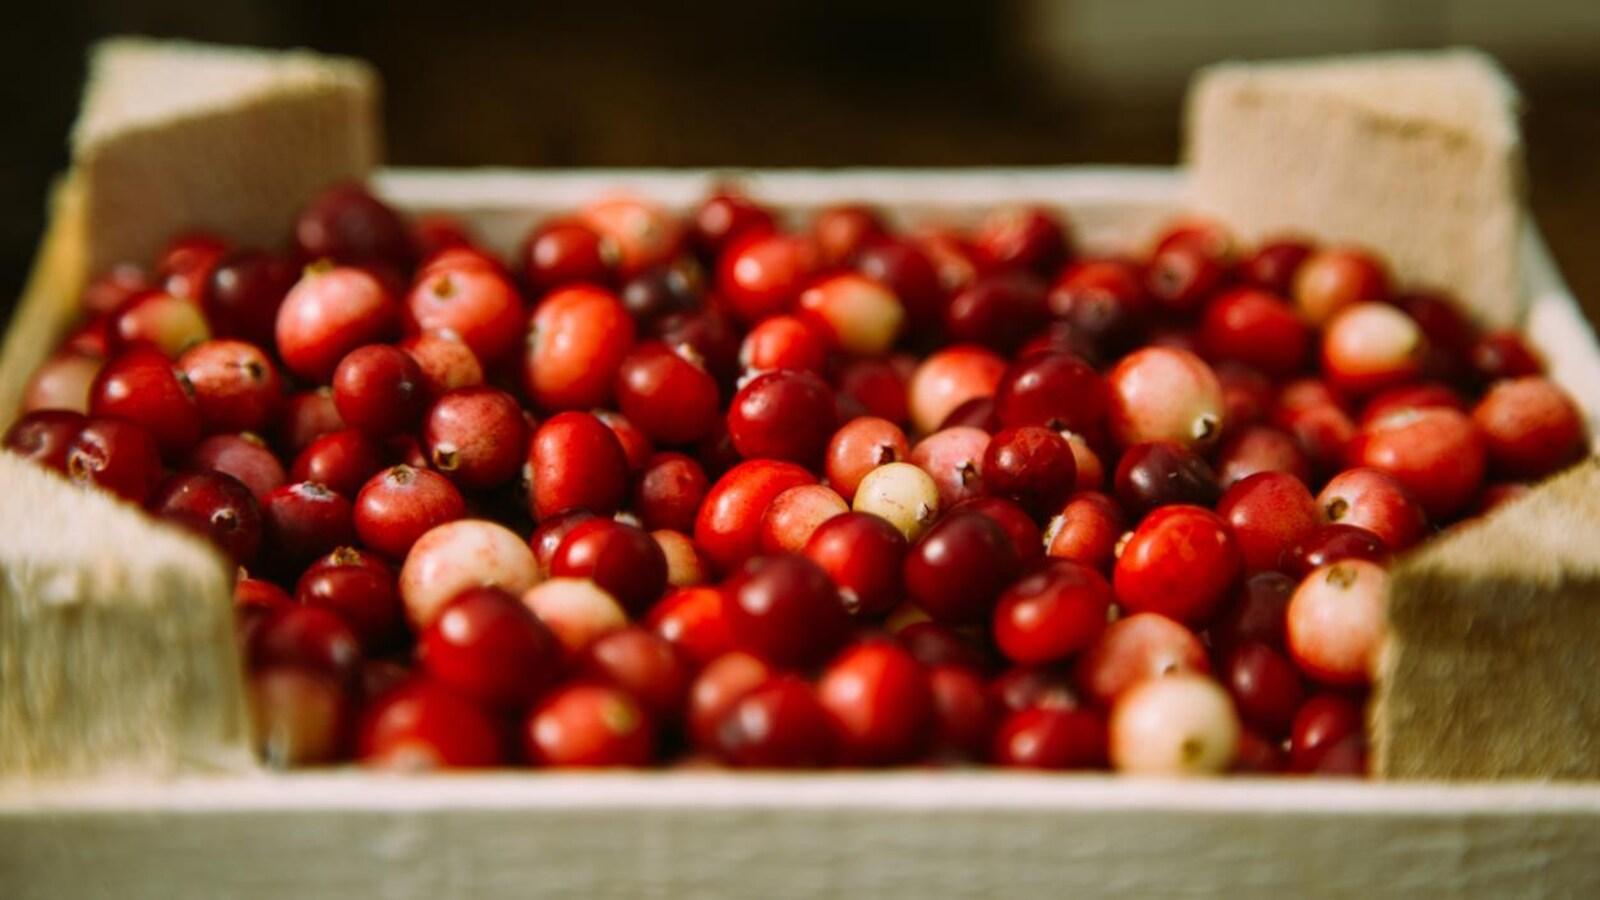 Une caisse en bois remplies de canneberges fraîches bien rouges.